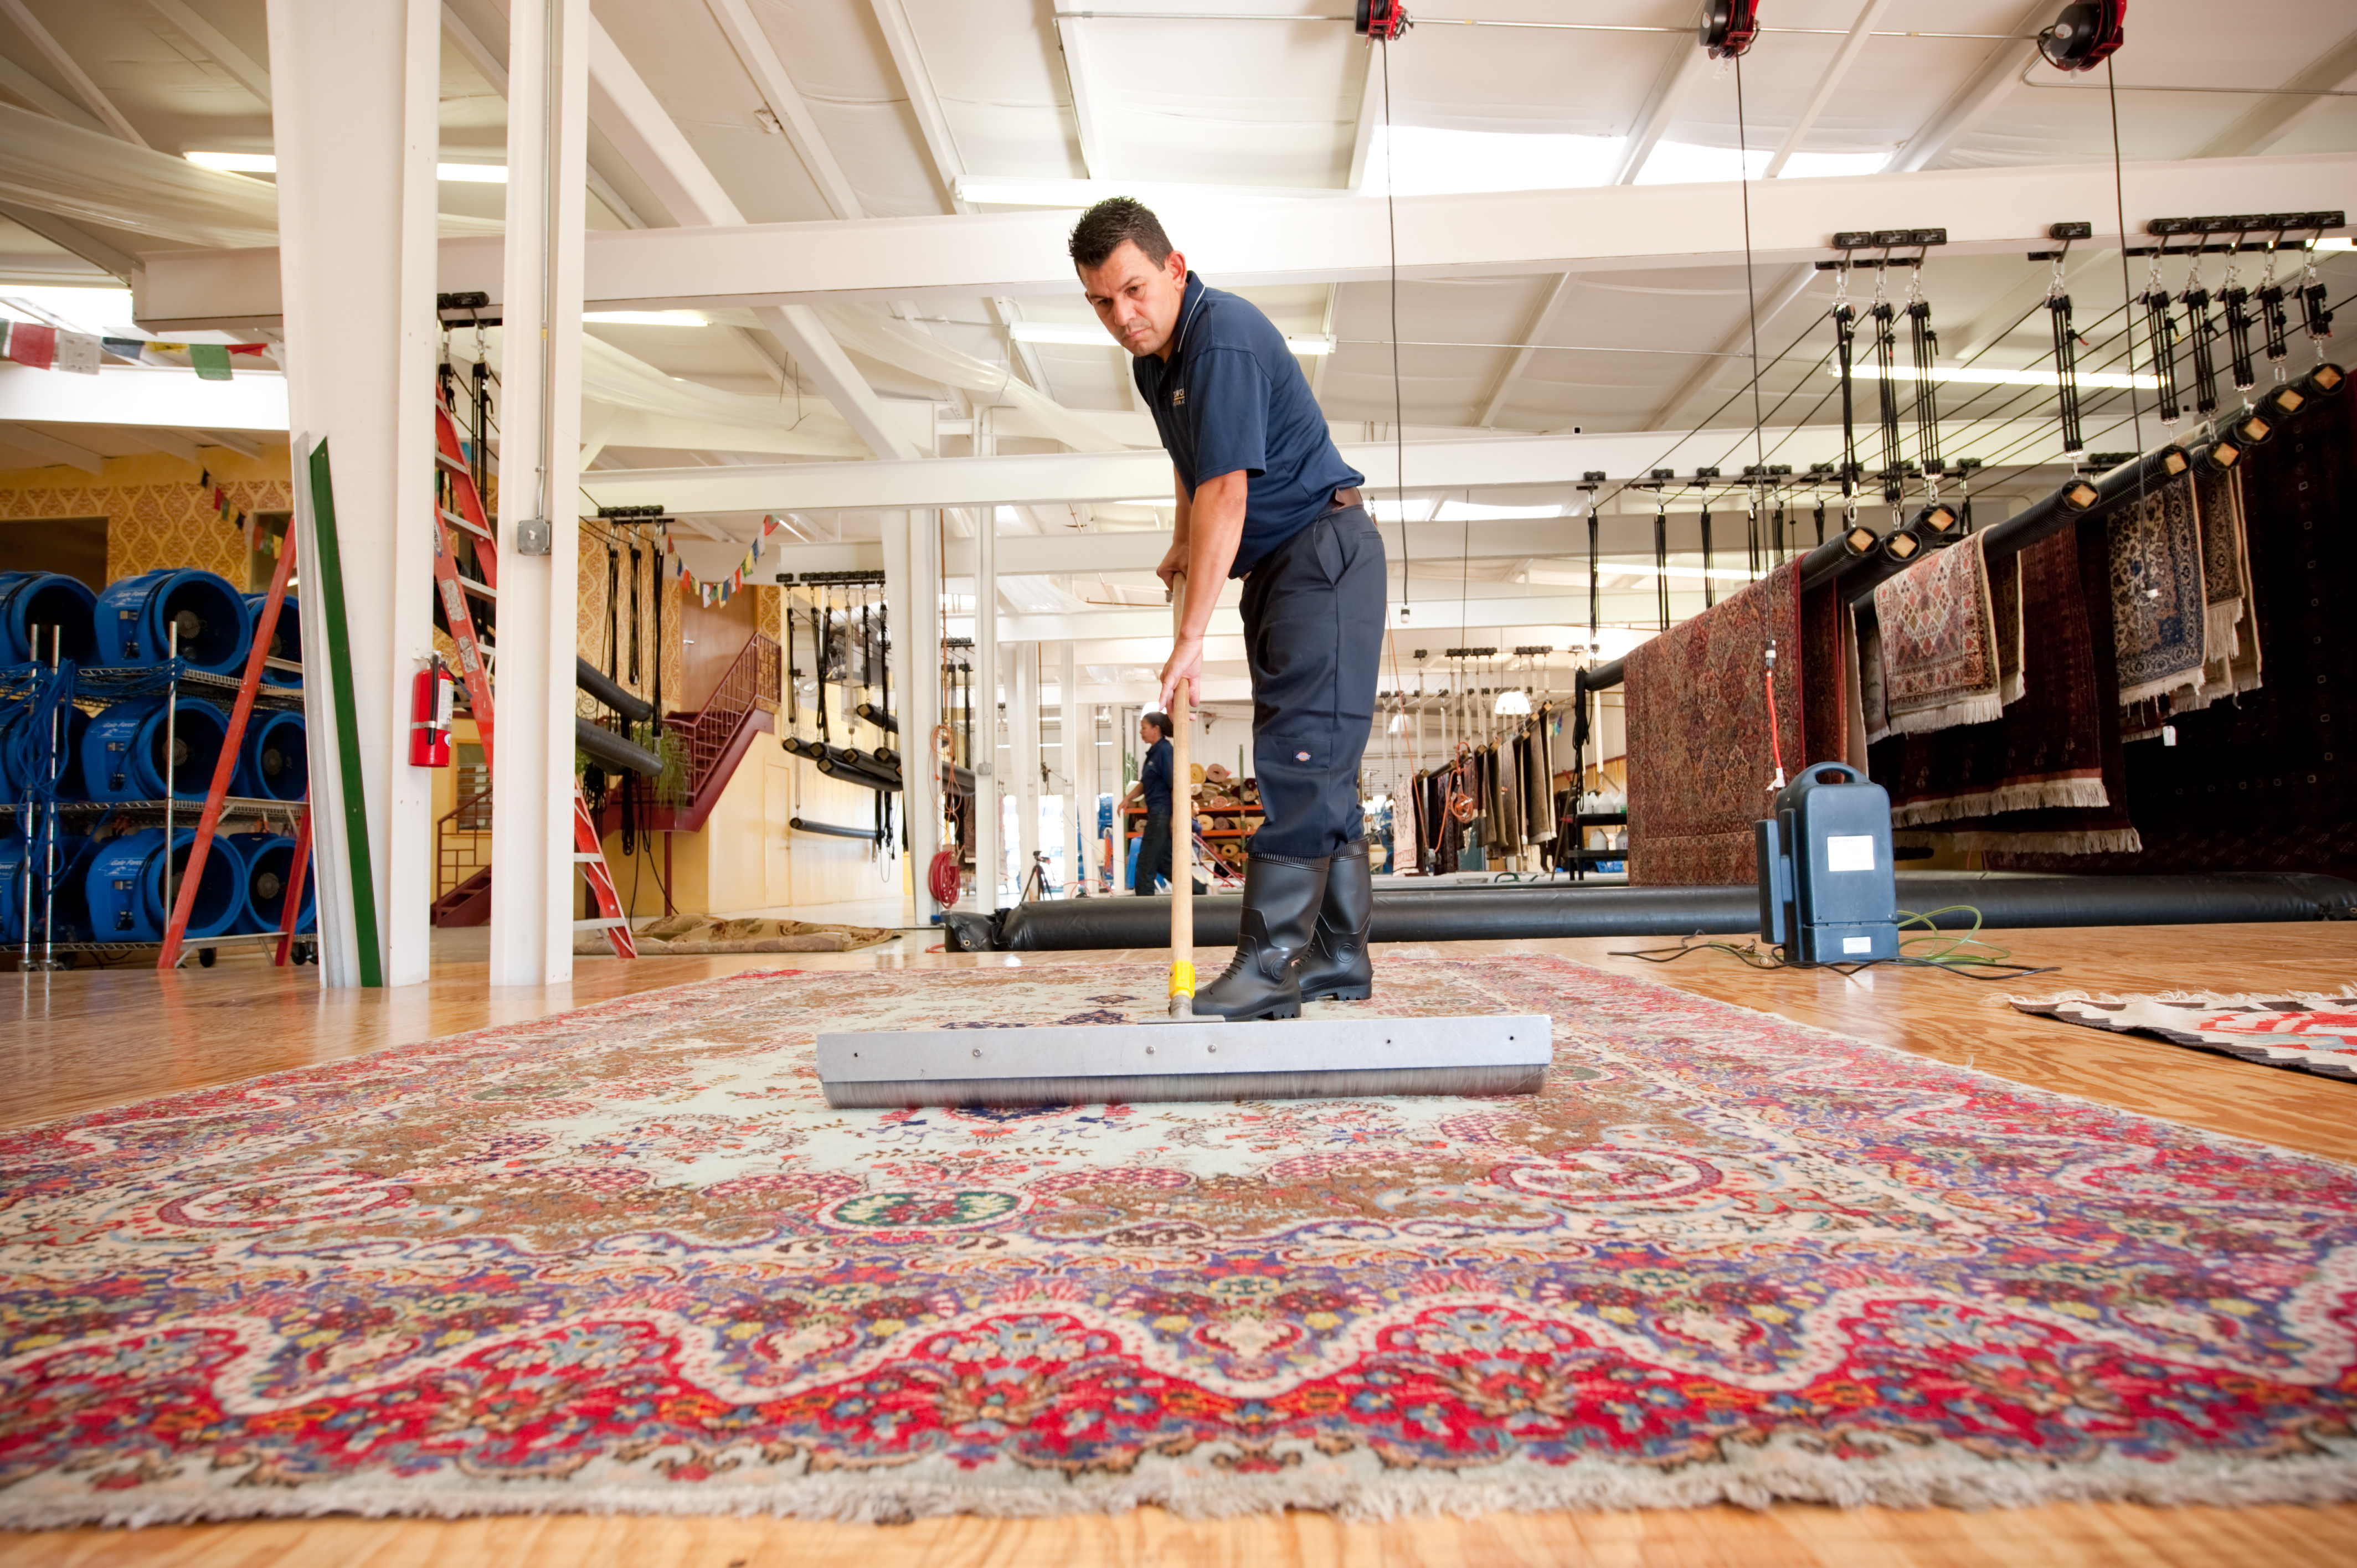 Perzisch Tapijt Schoonmaken : Hoe onderhoudt en reinig ik een wolle of perzisch tapijt do s